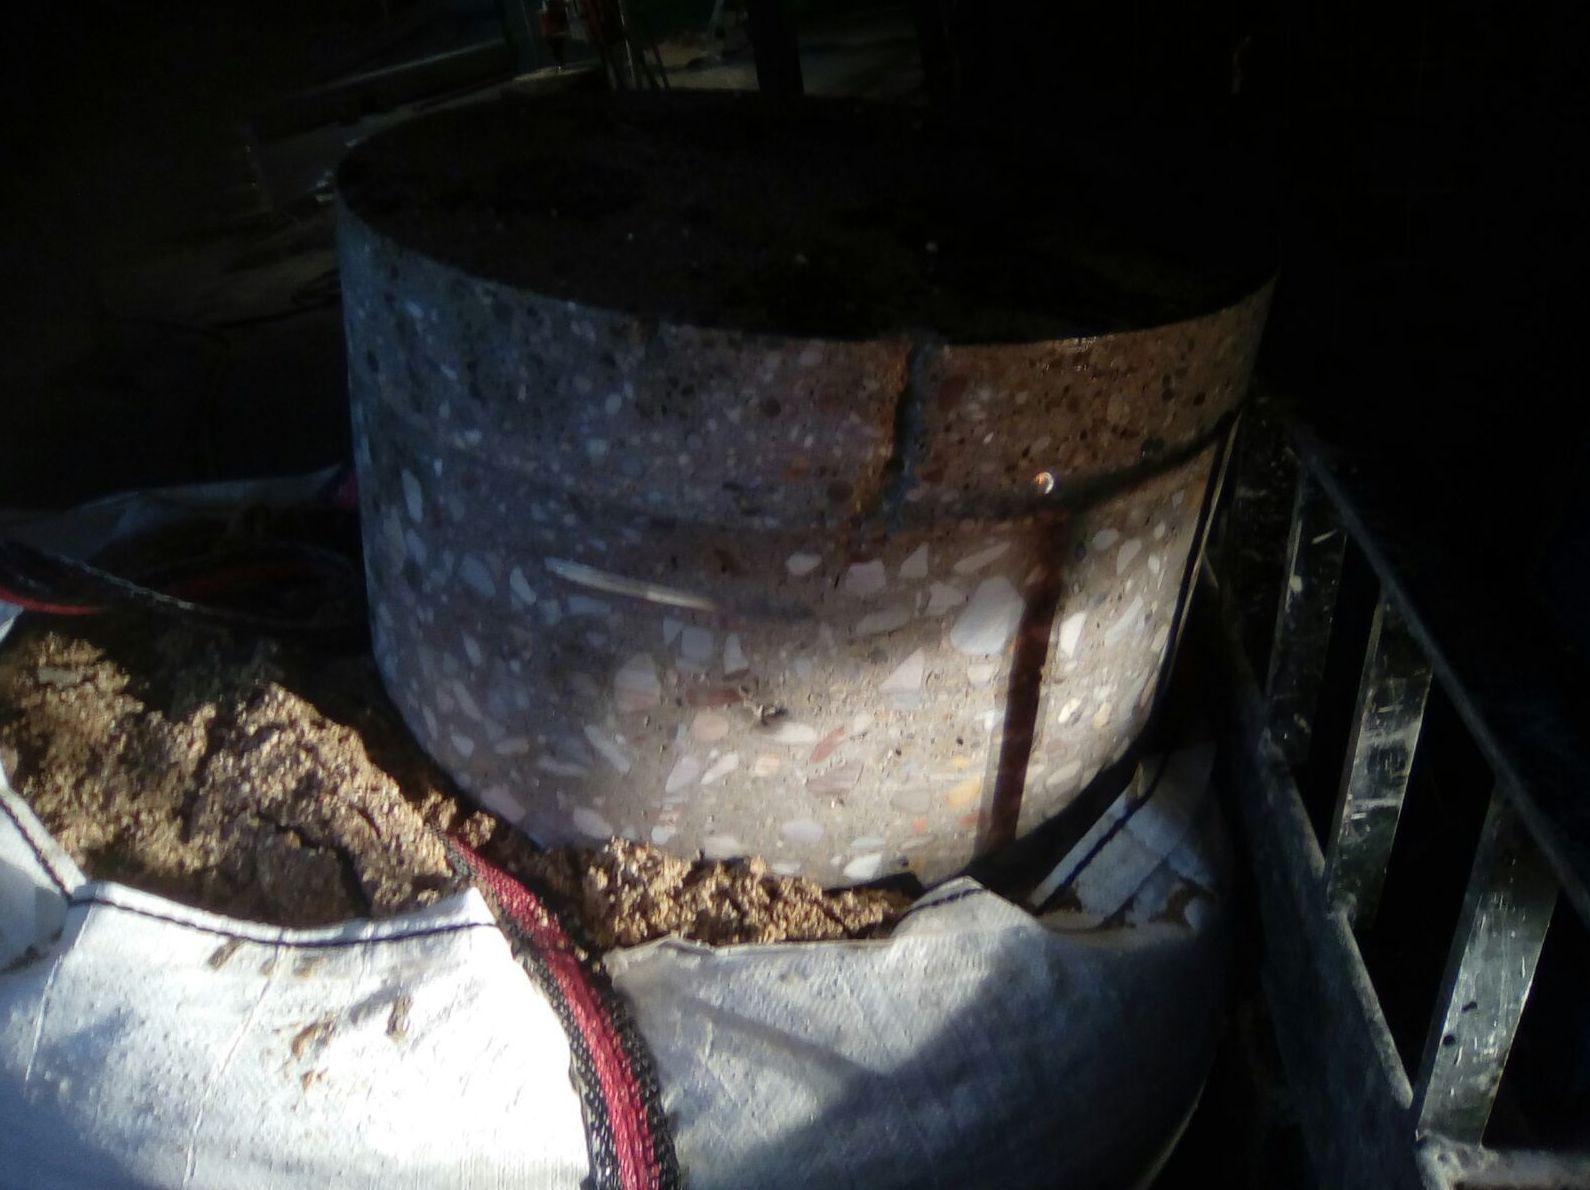 Taladros de 600 mm en forjado de Hormigon de 50 centímetros de profundidad